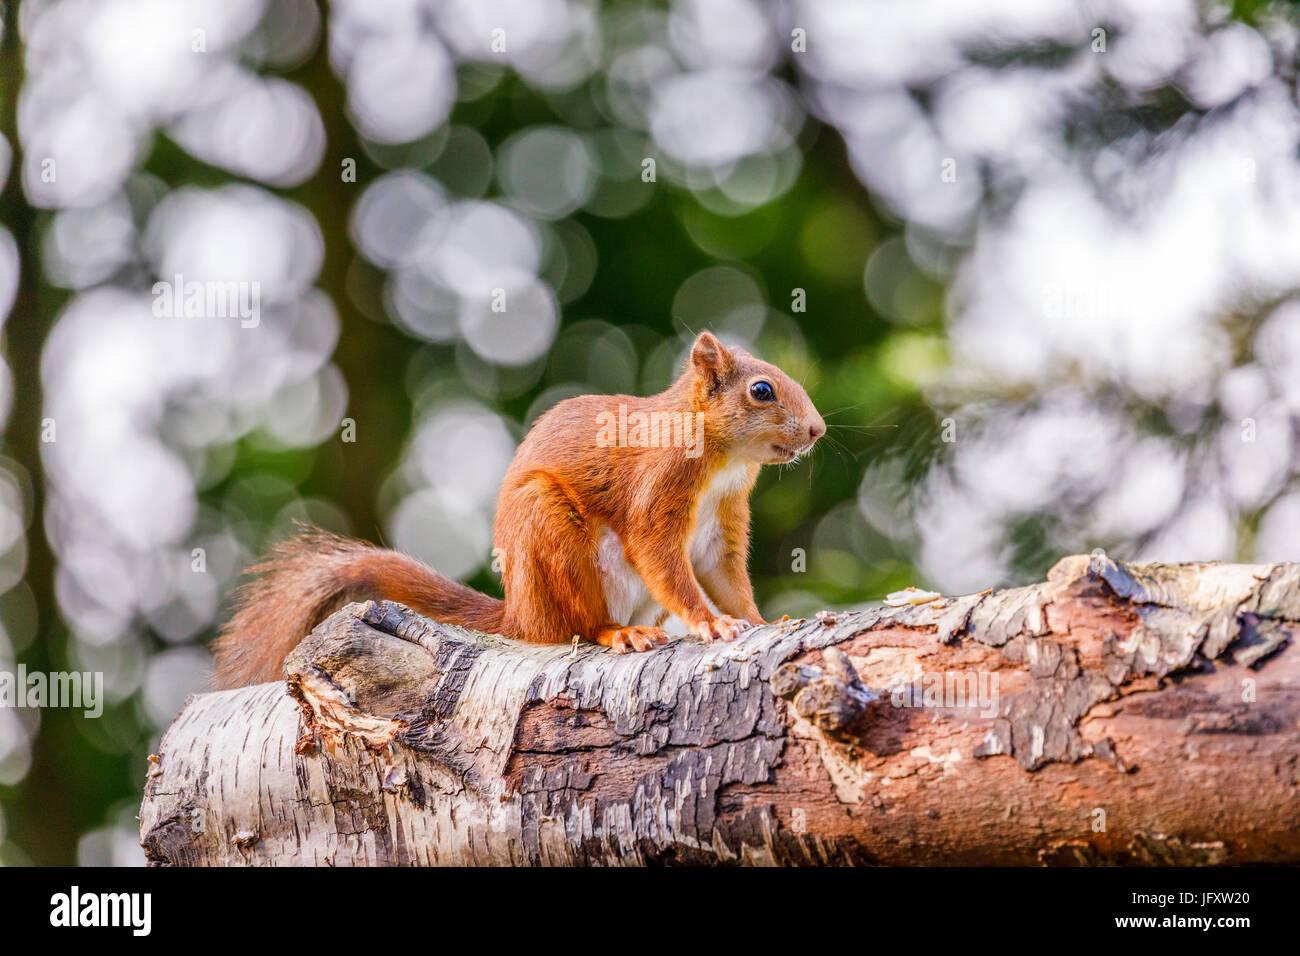 Eichhörnchen (Sciurus Vulgaris) stehende hockte auf einem Baumstamm, British Wildlife Centre, Newchapel, Lingfield, Stockbild